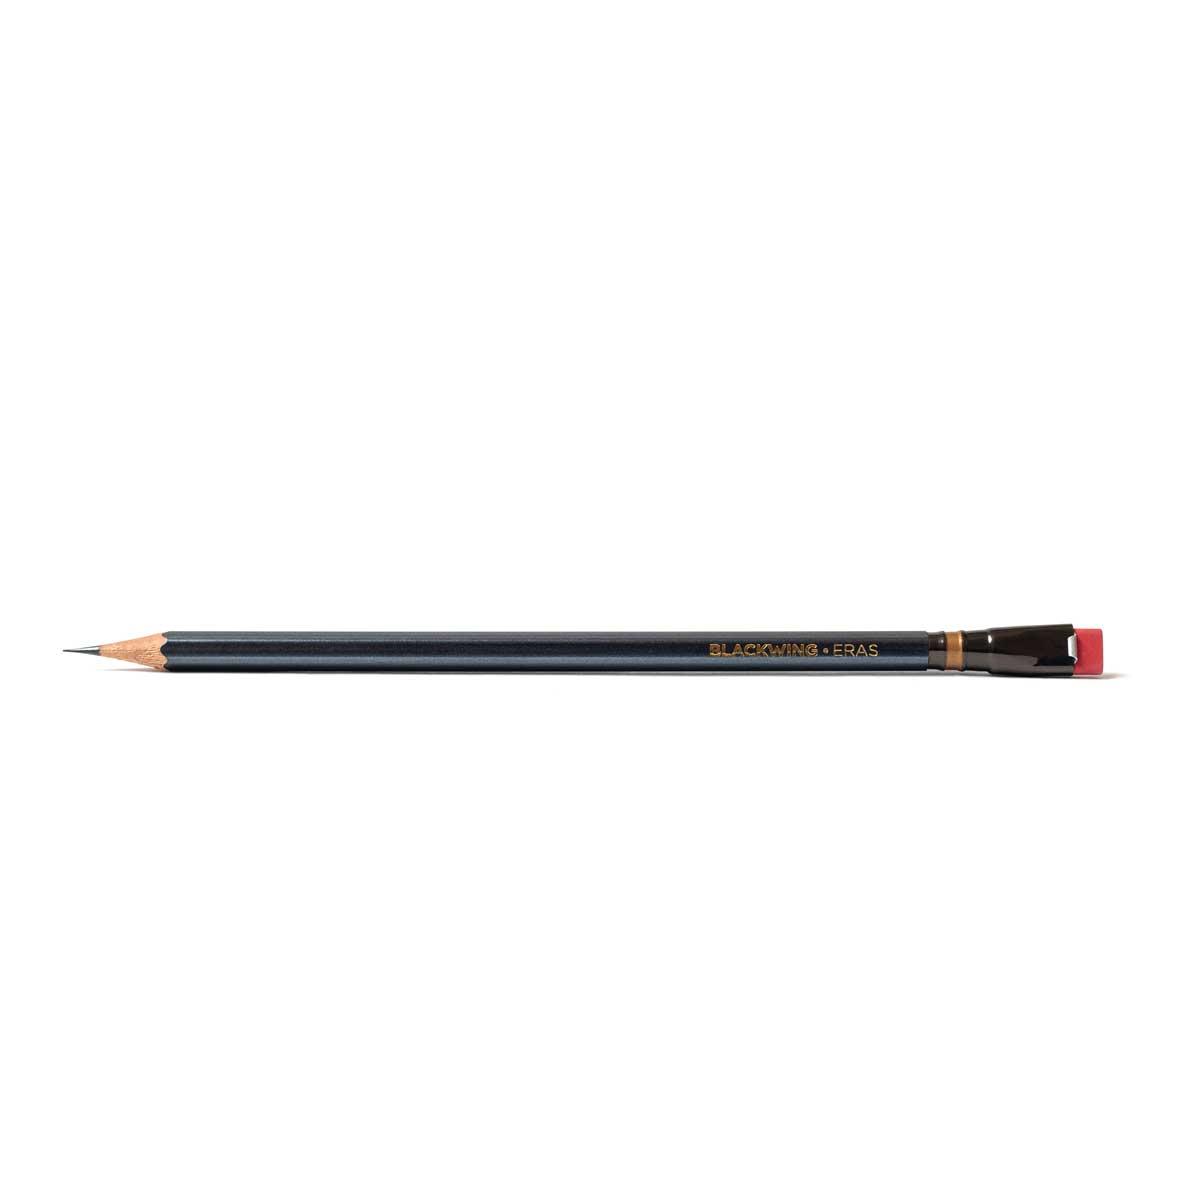 Lápiz Blackwing Edición Limitada de Aniversario Eras